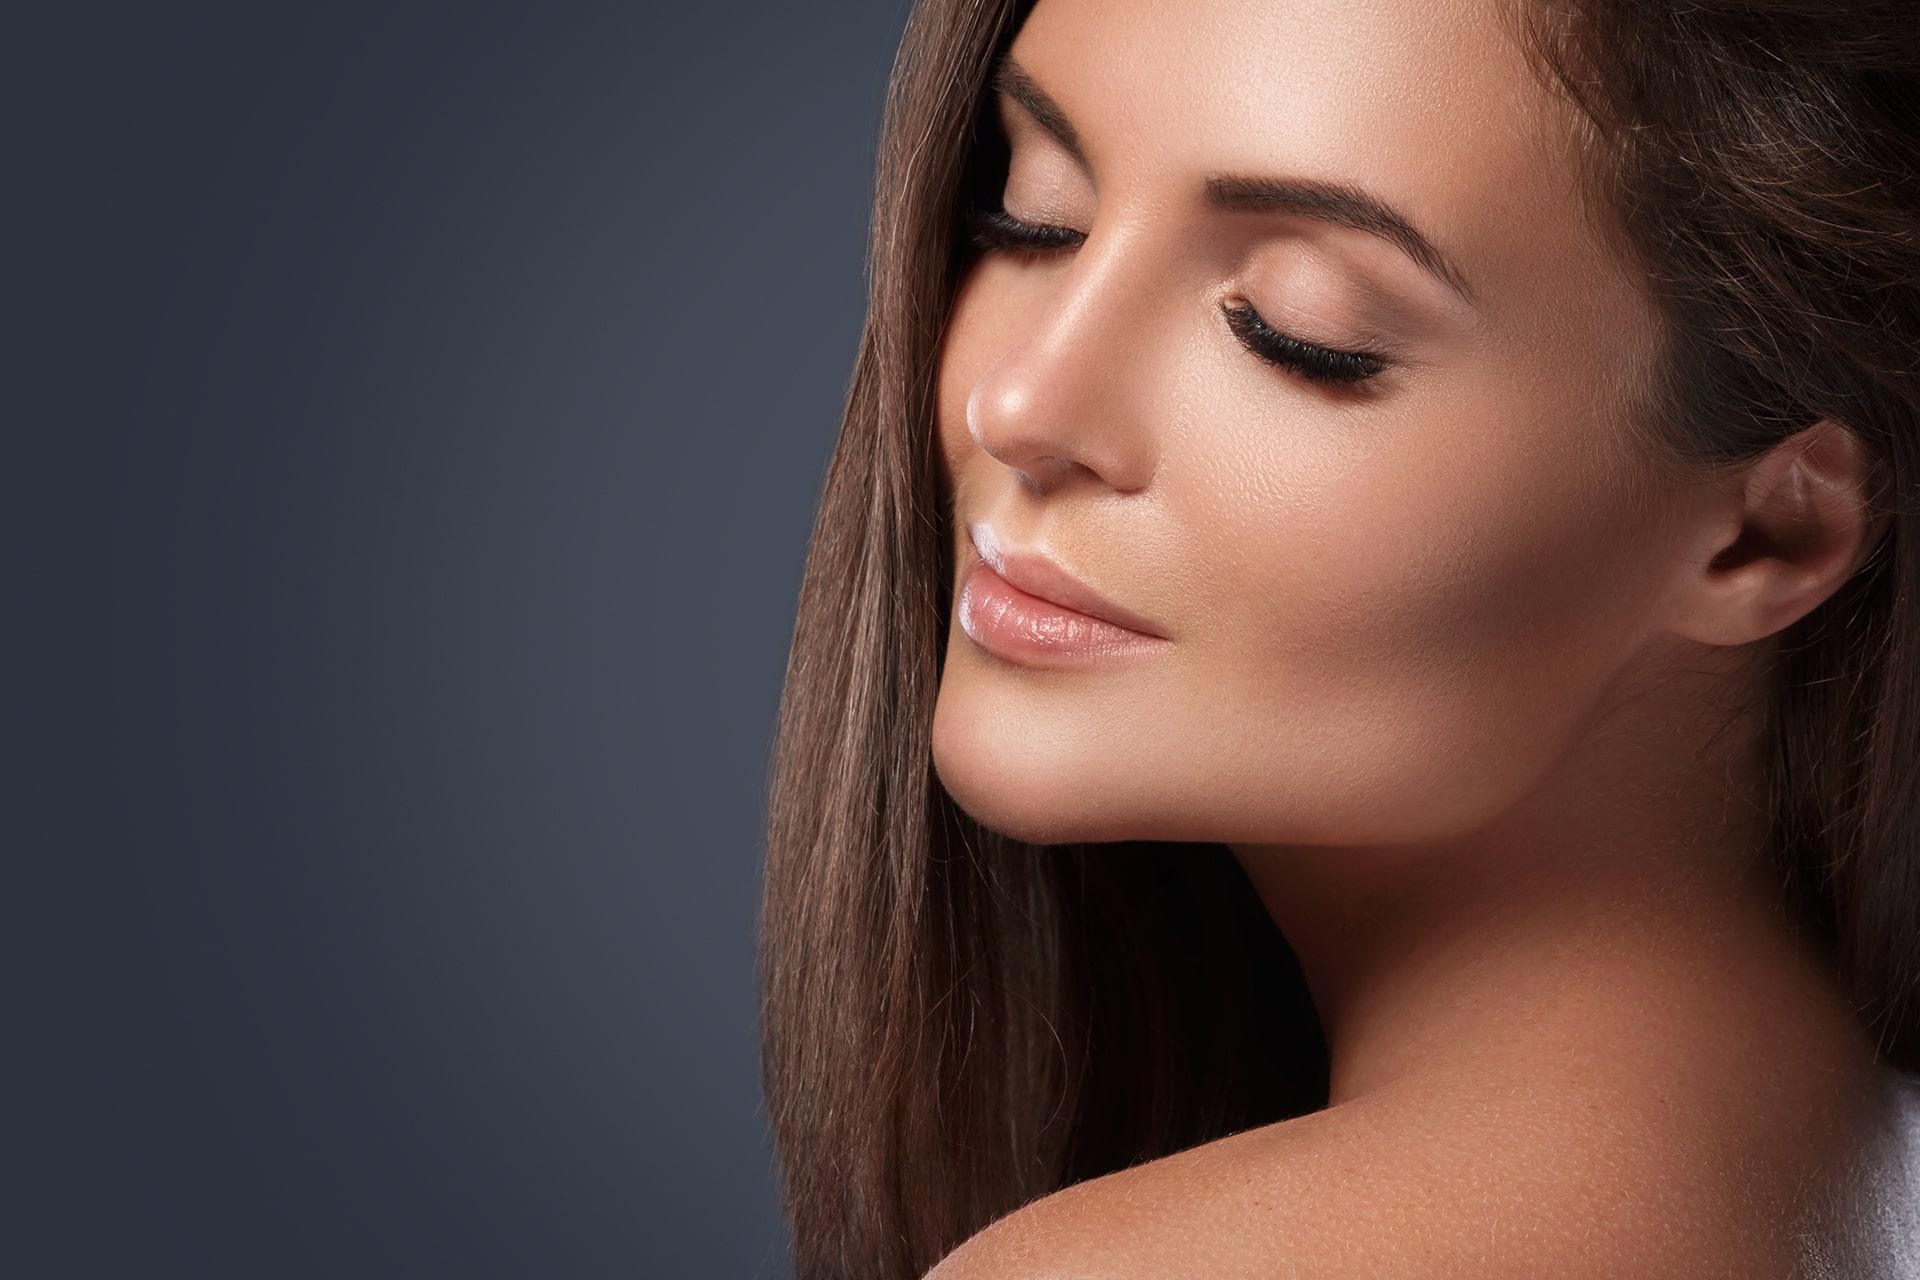 La mejor rutina de cuidado de la piel